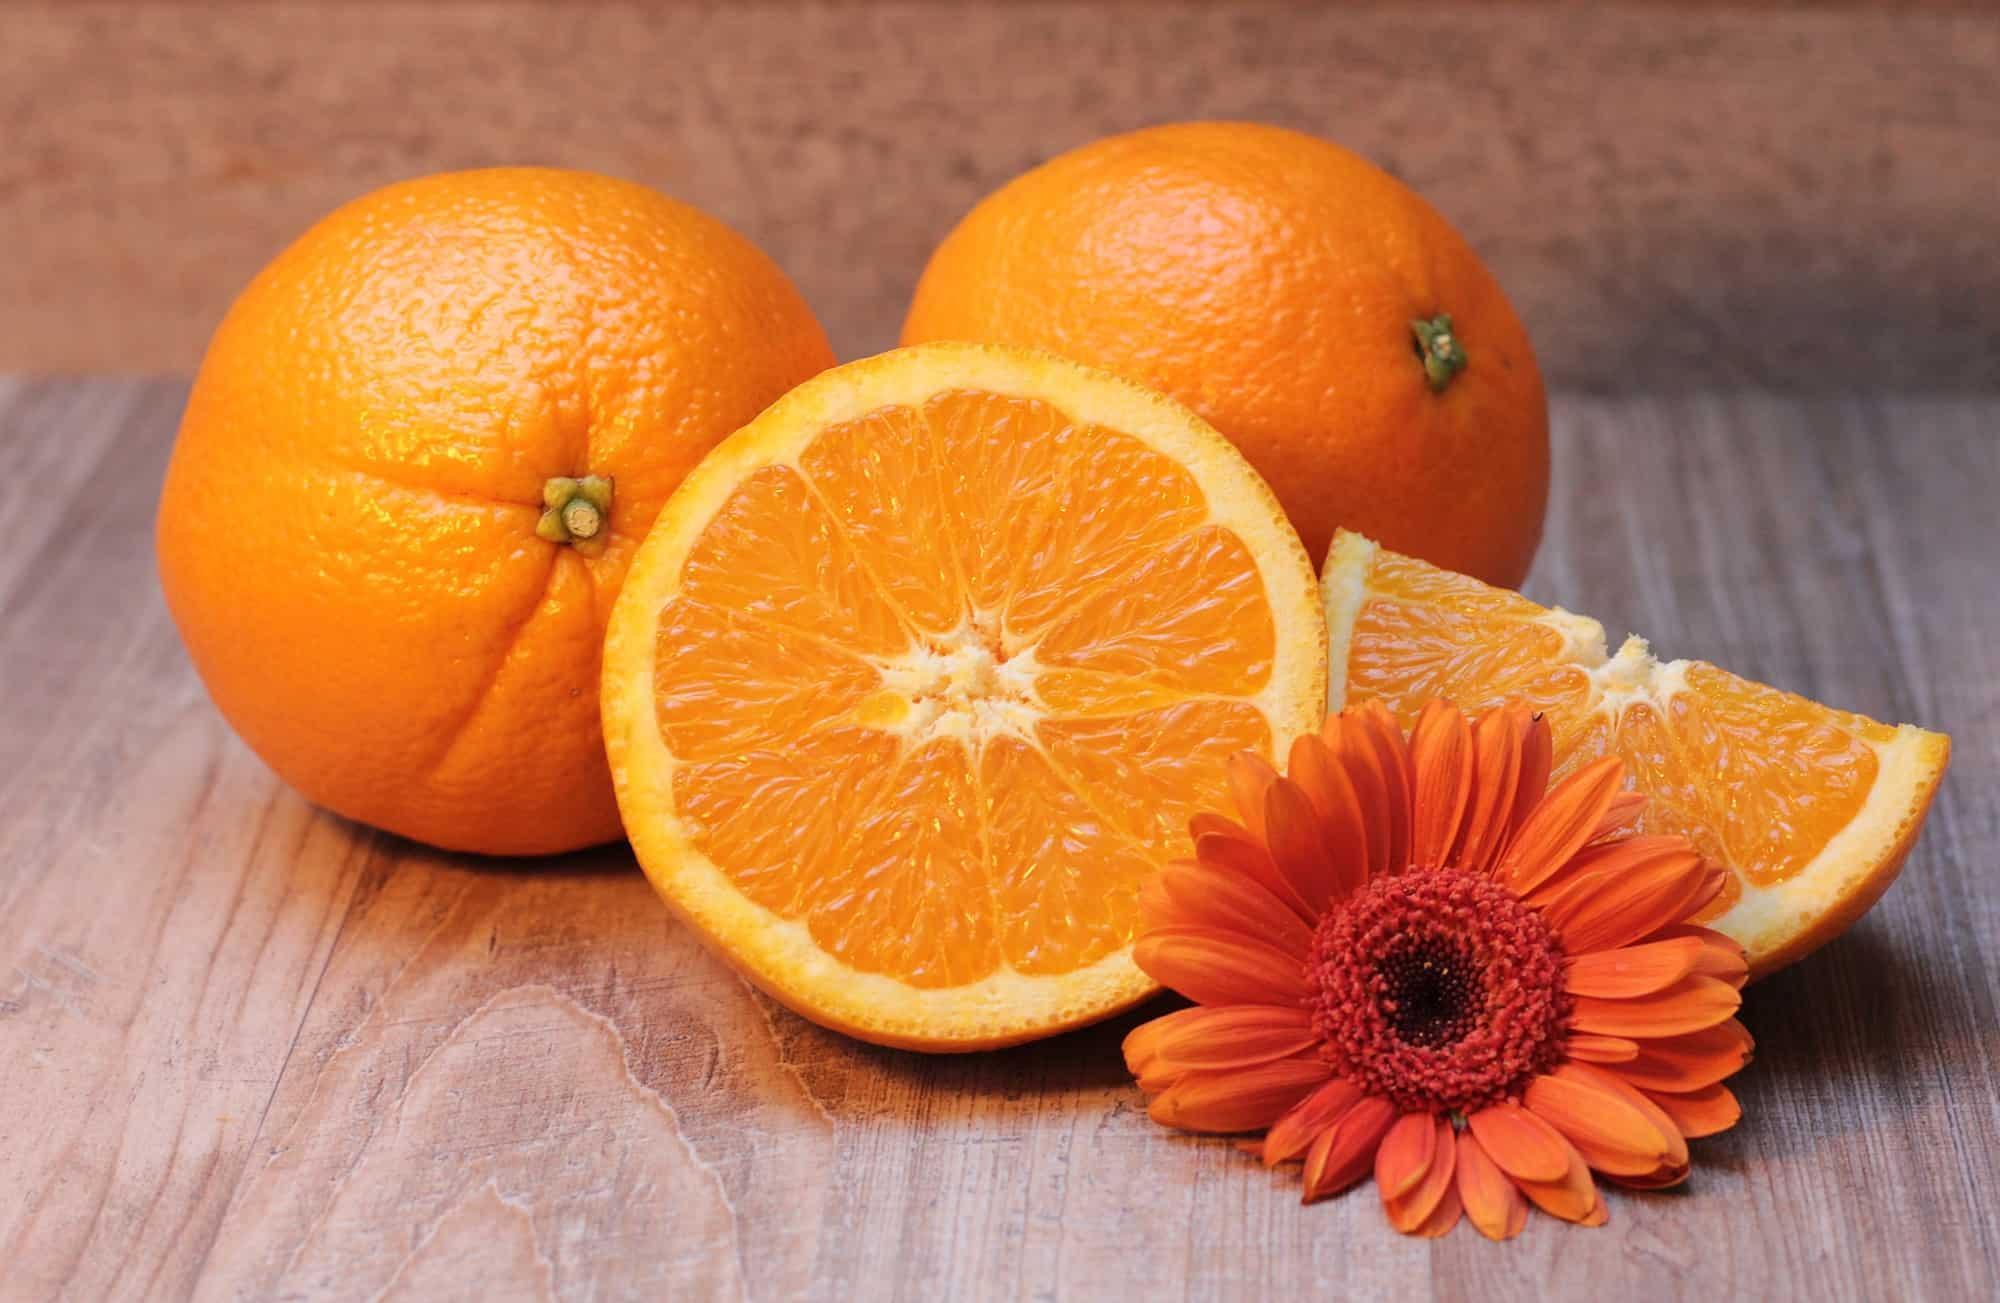 البرتقال في الصيام المتقطع